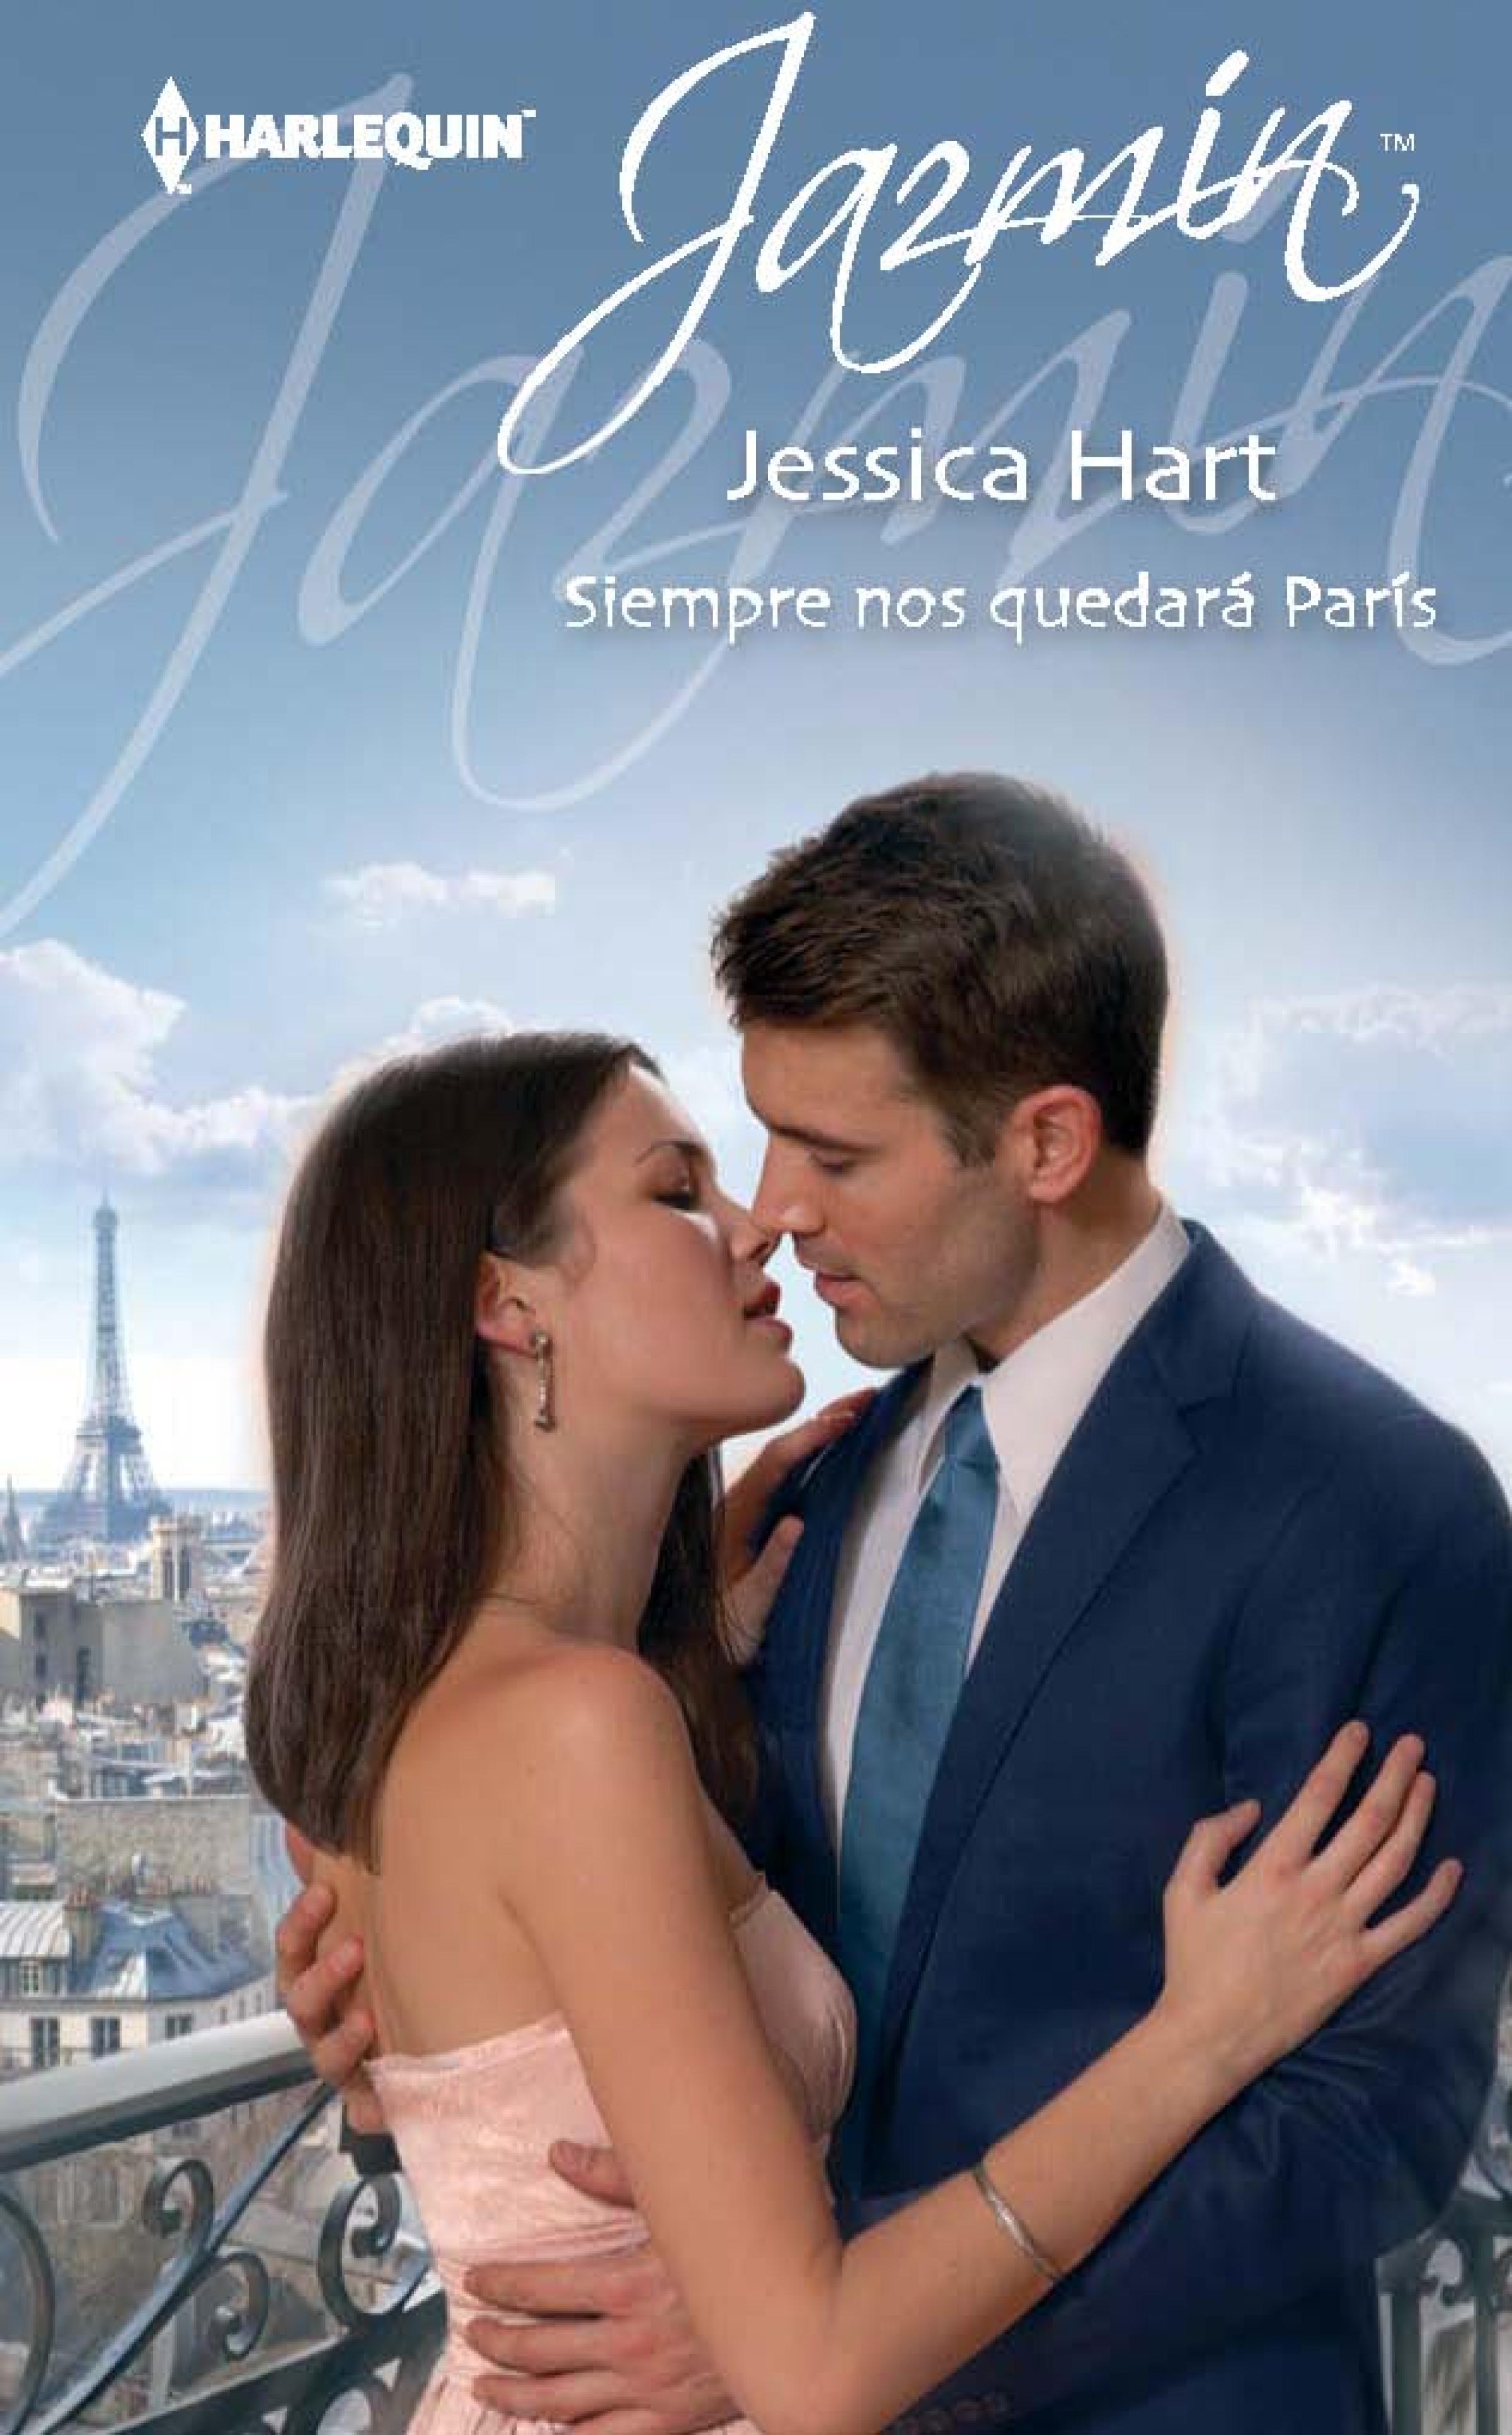 Jessica Hart Siempre nos quedará París jessica hart a bride for barra creek